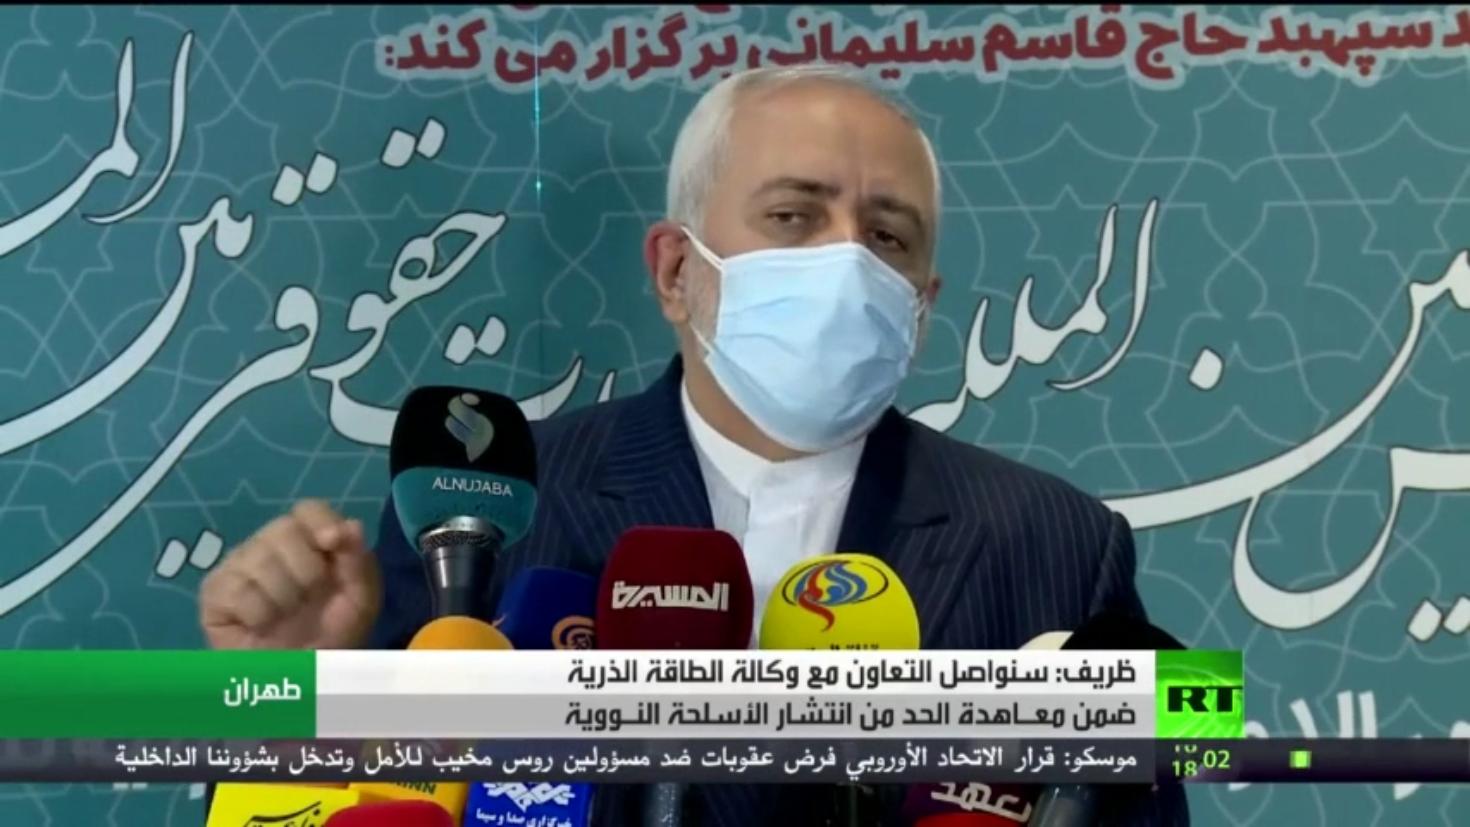 طهران: مستمرون بالتعاون مع الوكالة الذرية